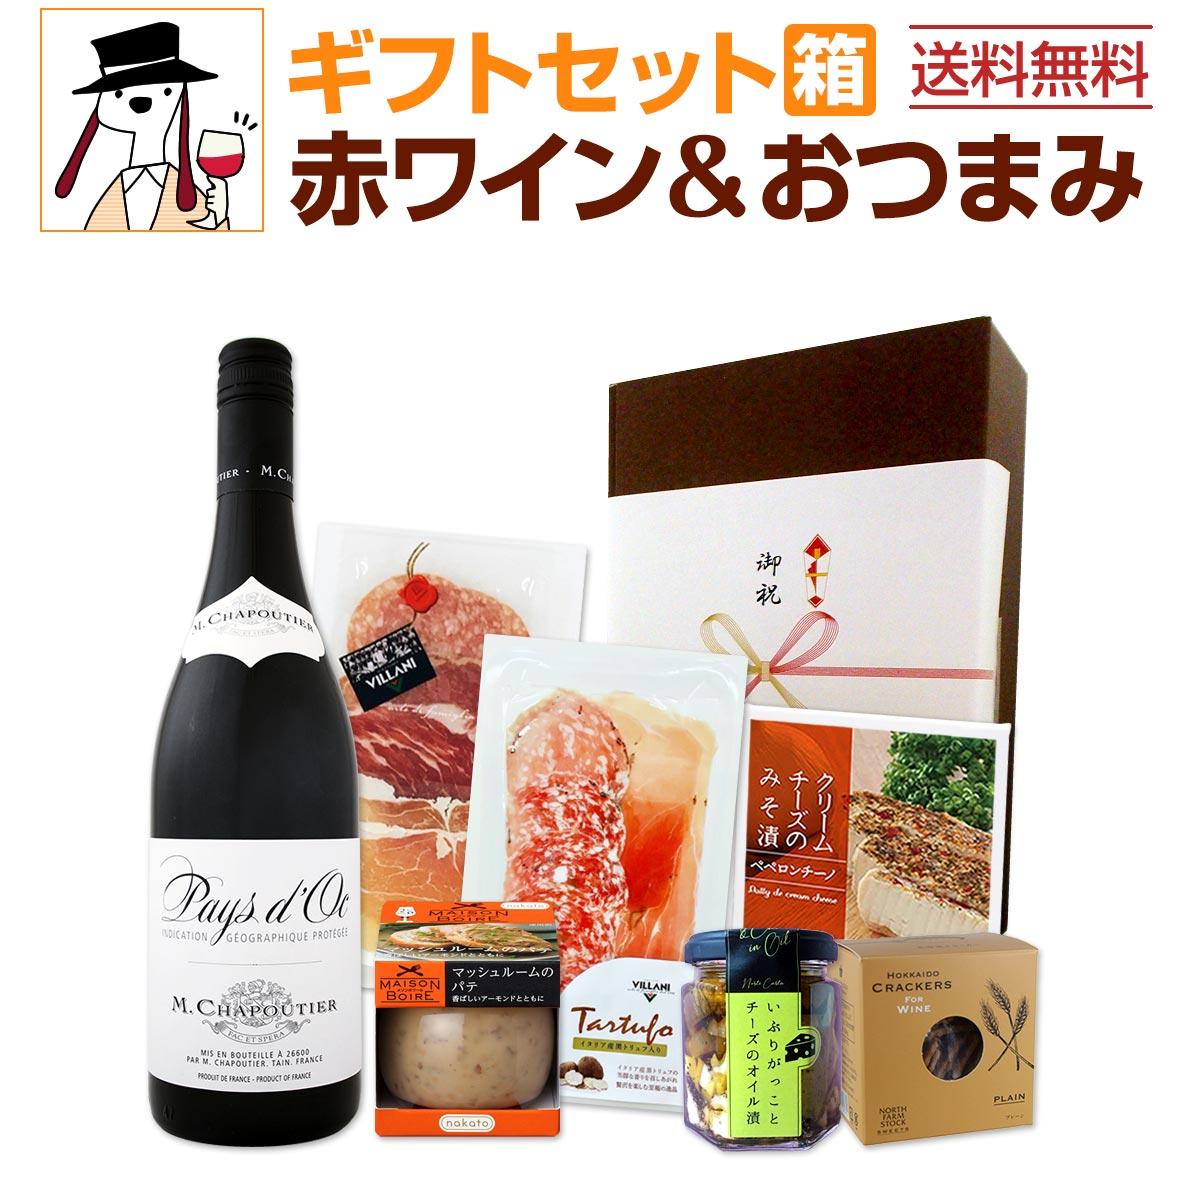 【送料無料】【クール便】赤ワインギフトセット(おつまみ6つ付き)